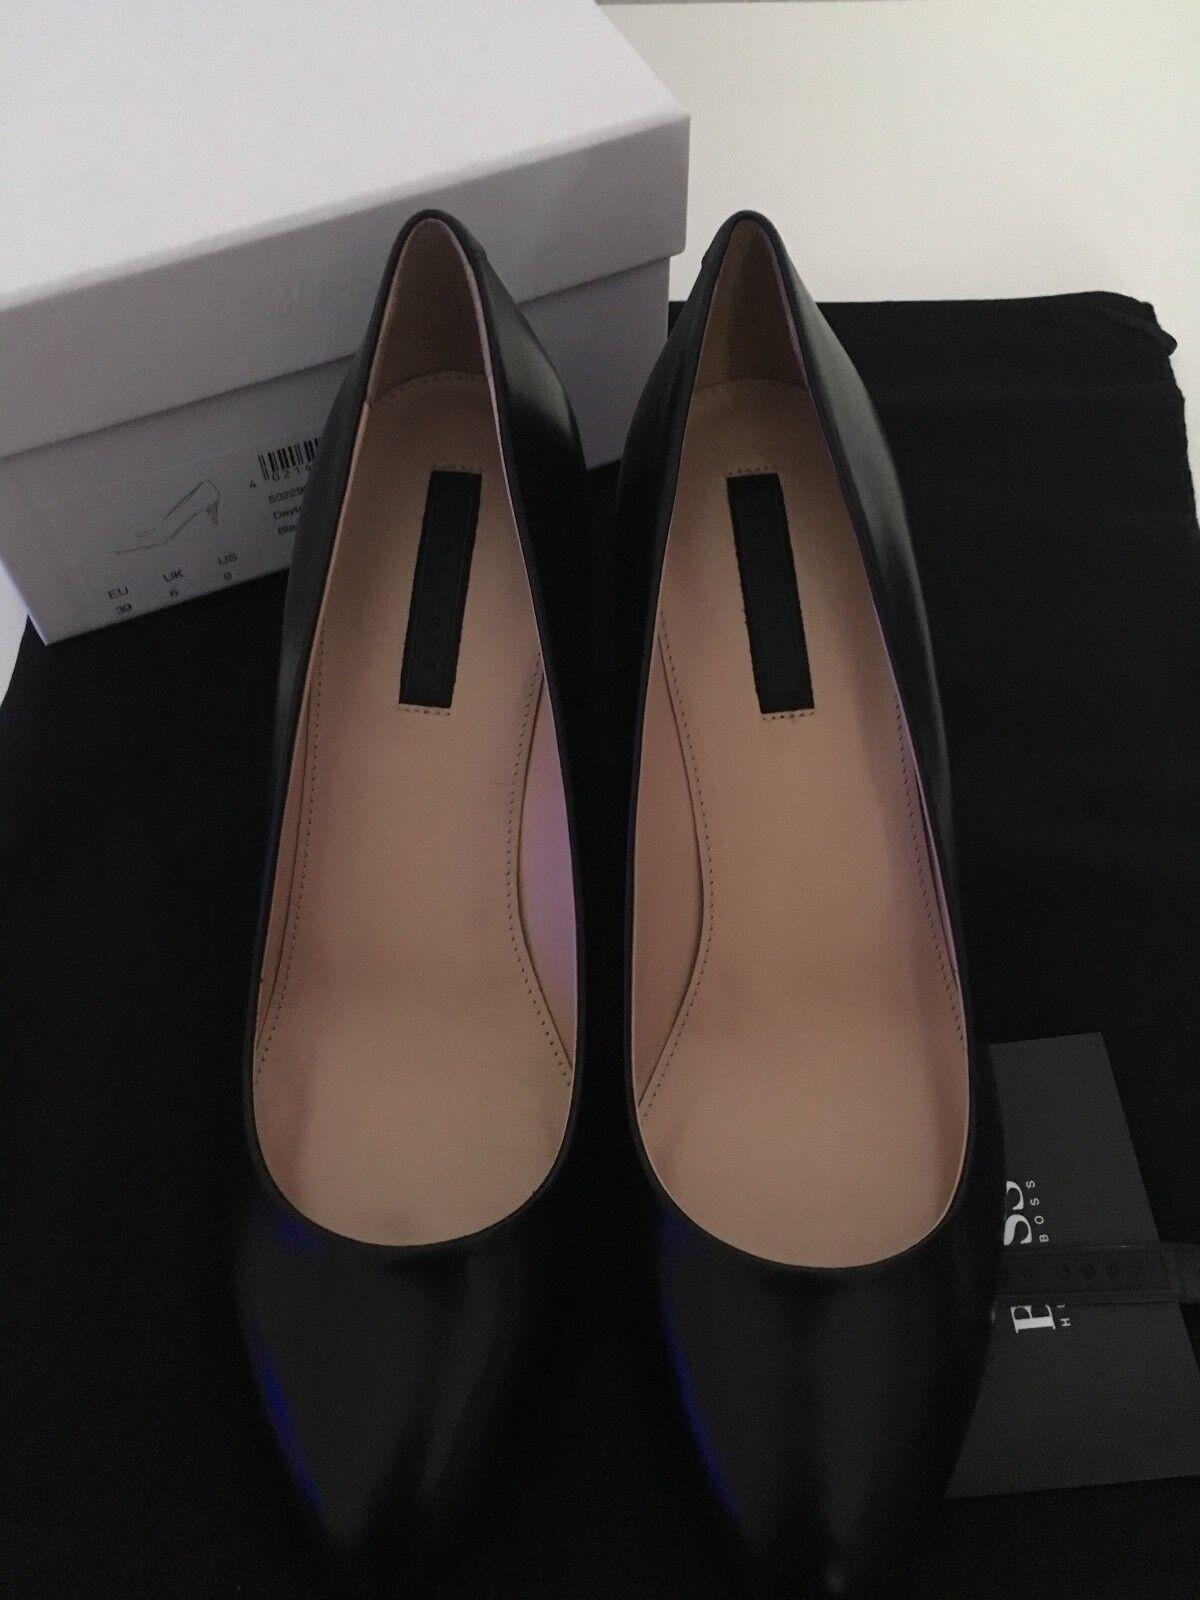 Hugo Boss Woman Schuhe Pumps Dayla 38,5 oder 39 Neu mit Karton